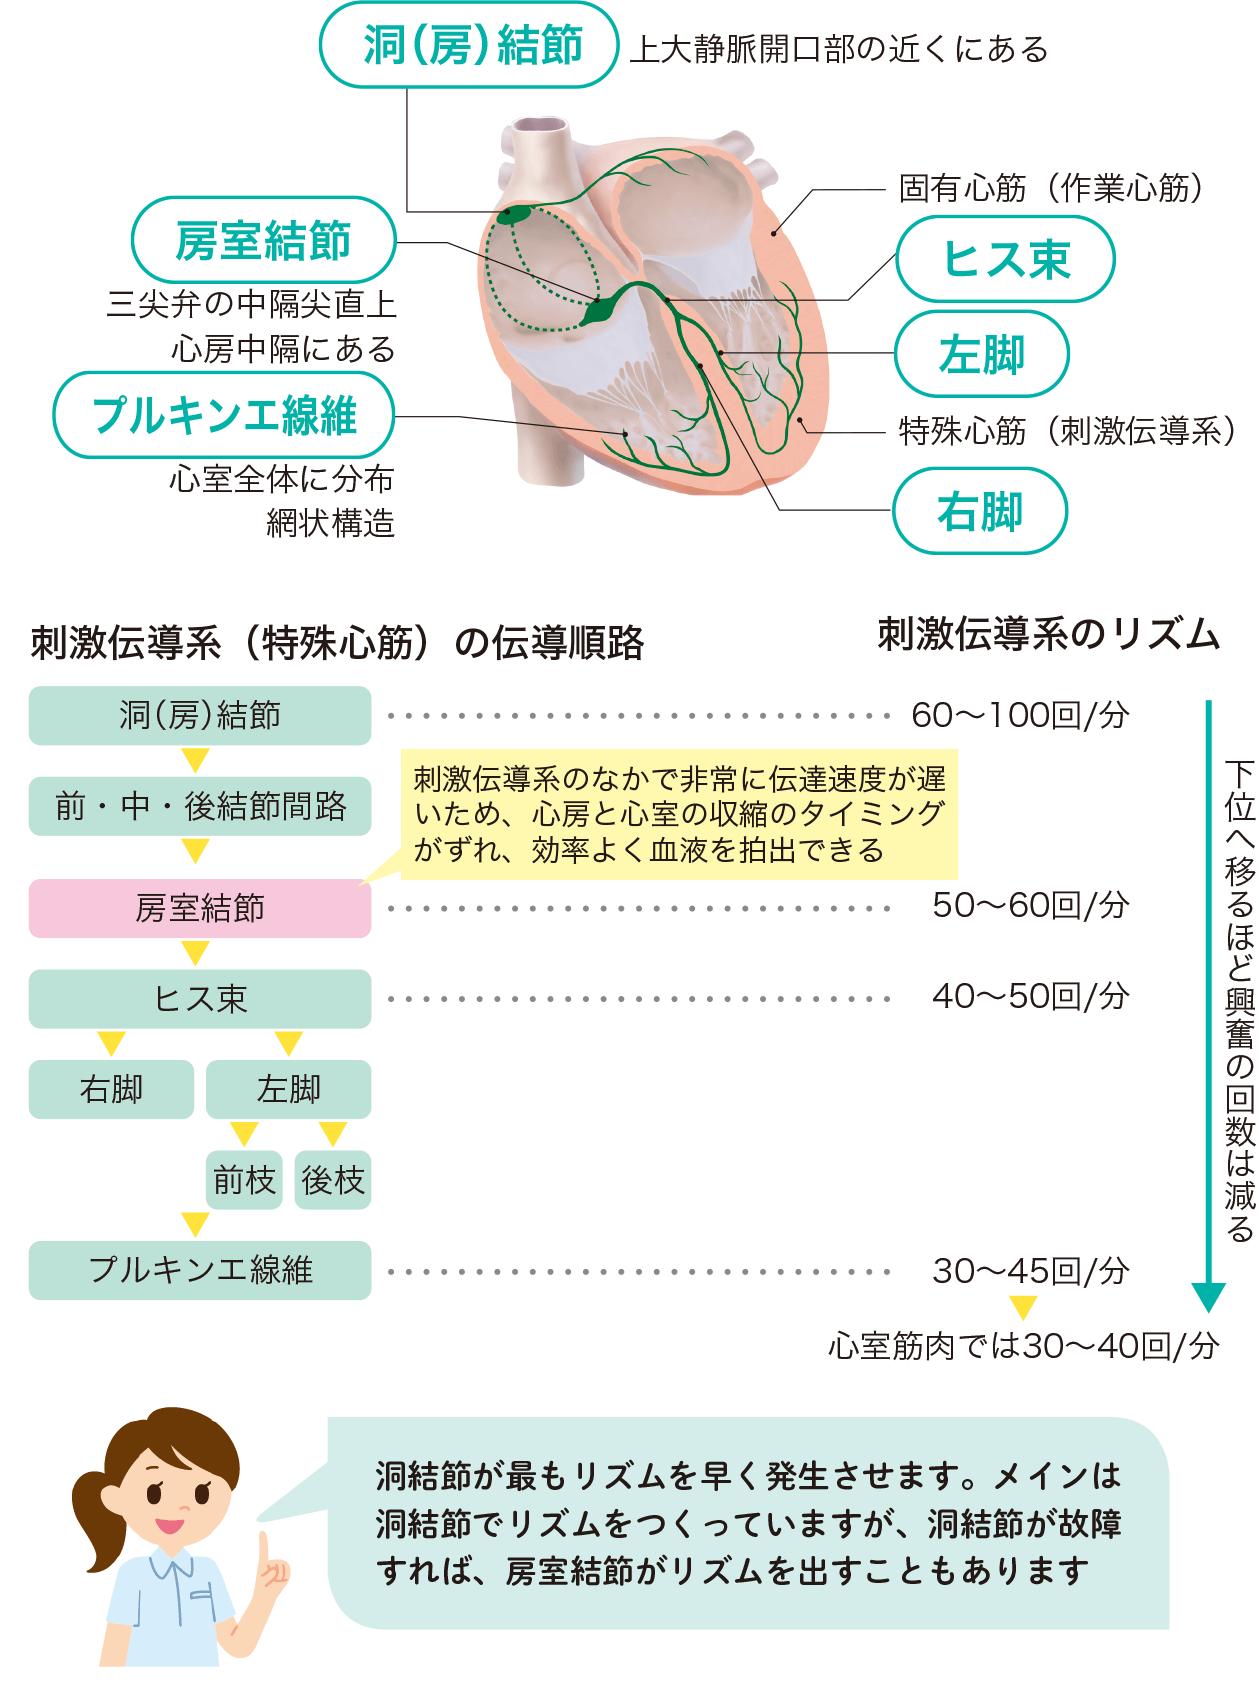 刺激伝導系(特殊心筋)のしくみ